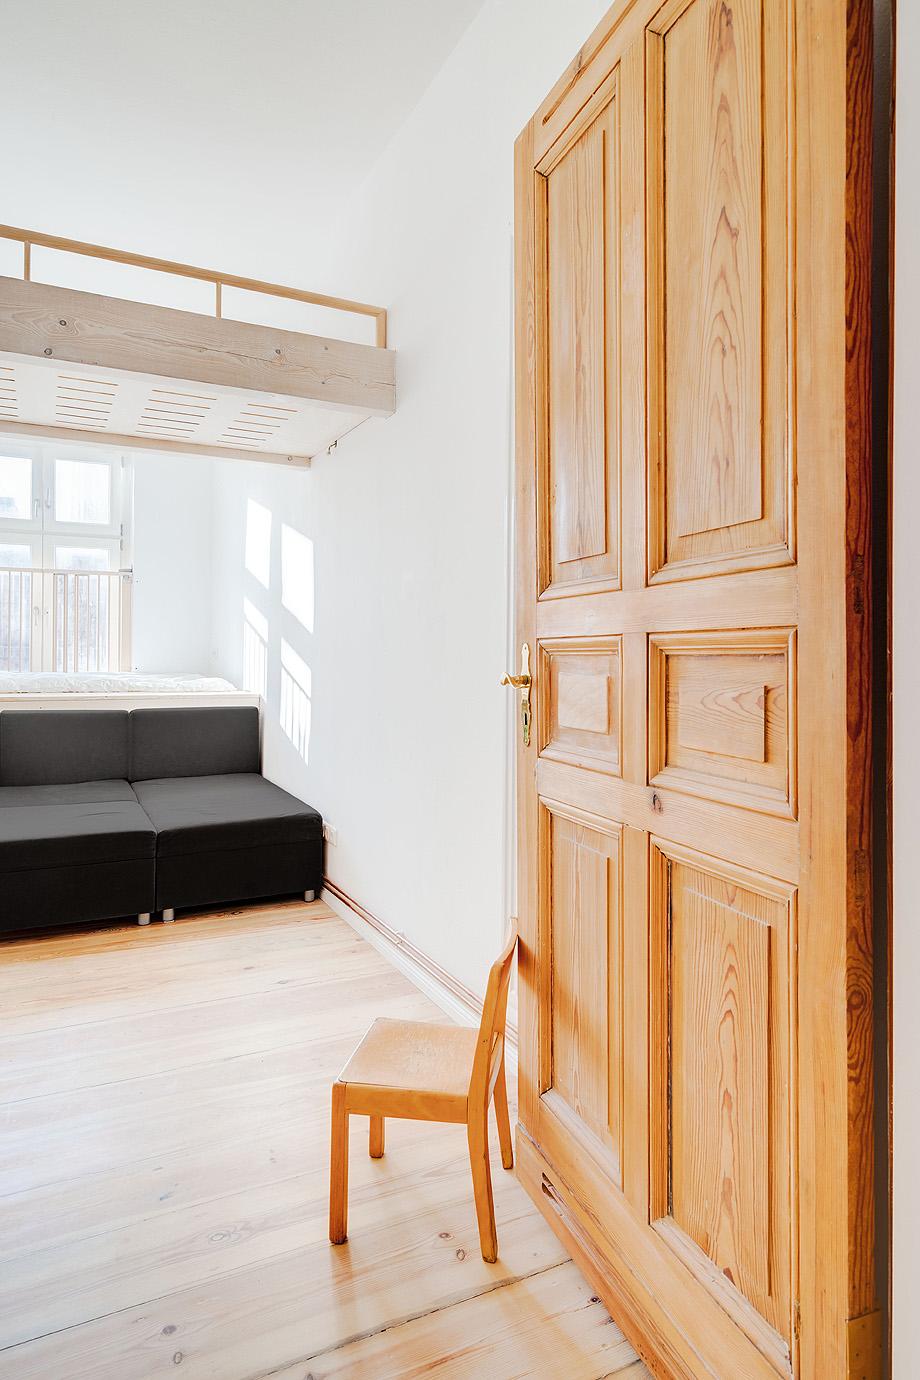 apartamento am106 de paola bagna - foto ringo paulusch (41)